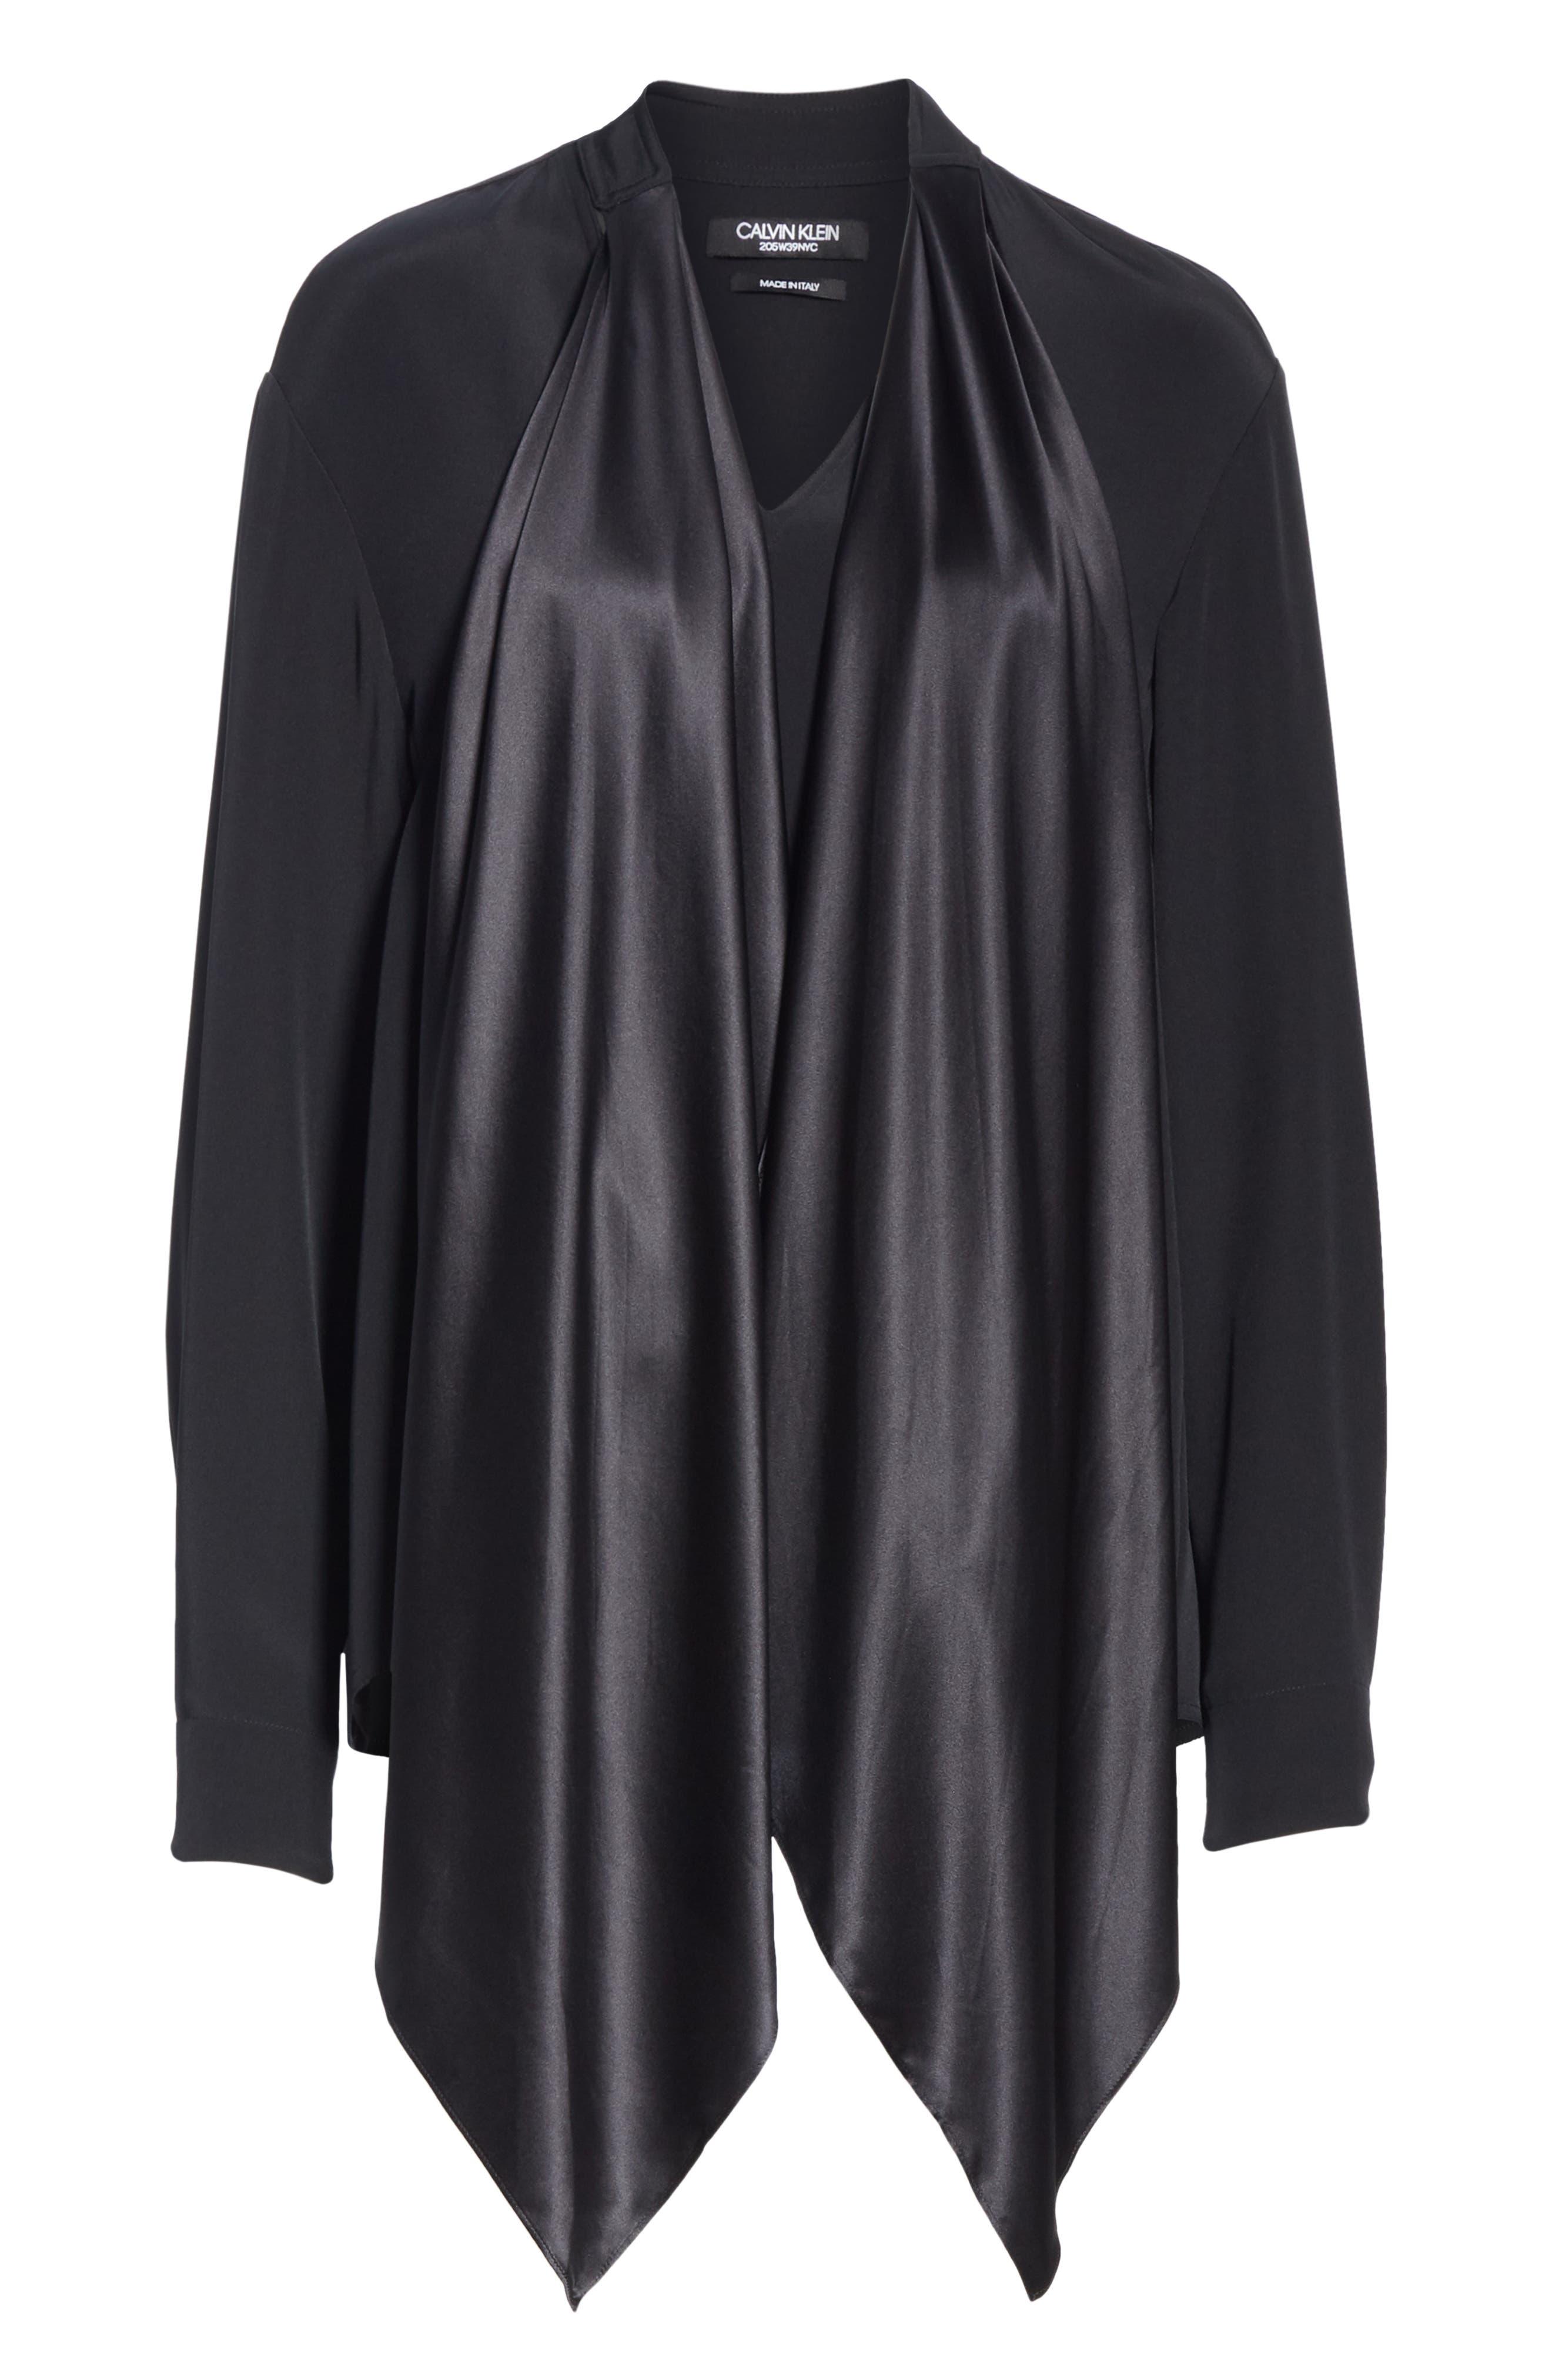 CALVIN KLEIN 205W39NYC, Satin Tie Neck Silk Blouse, Alternate thumbnail 7, color, BLACK